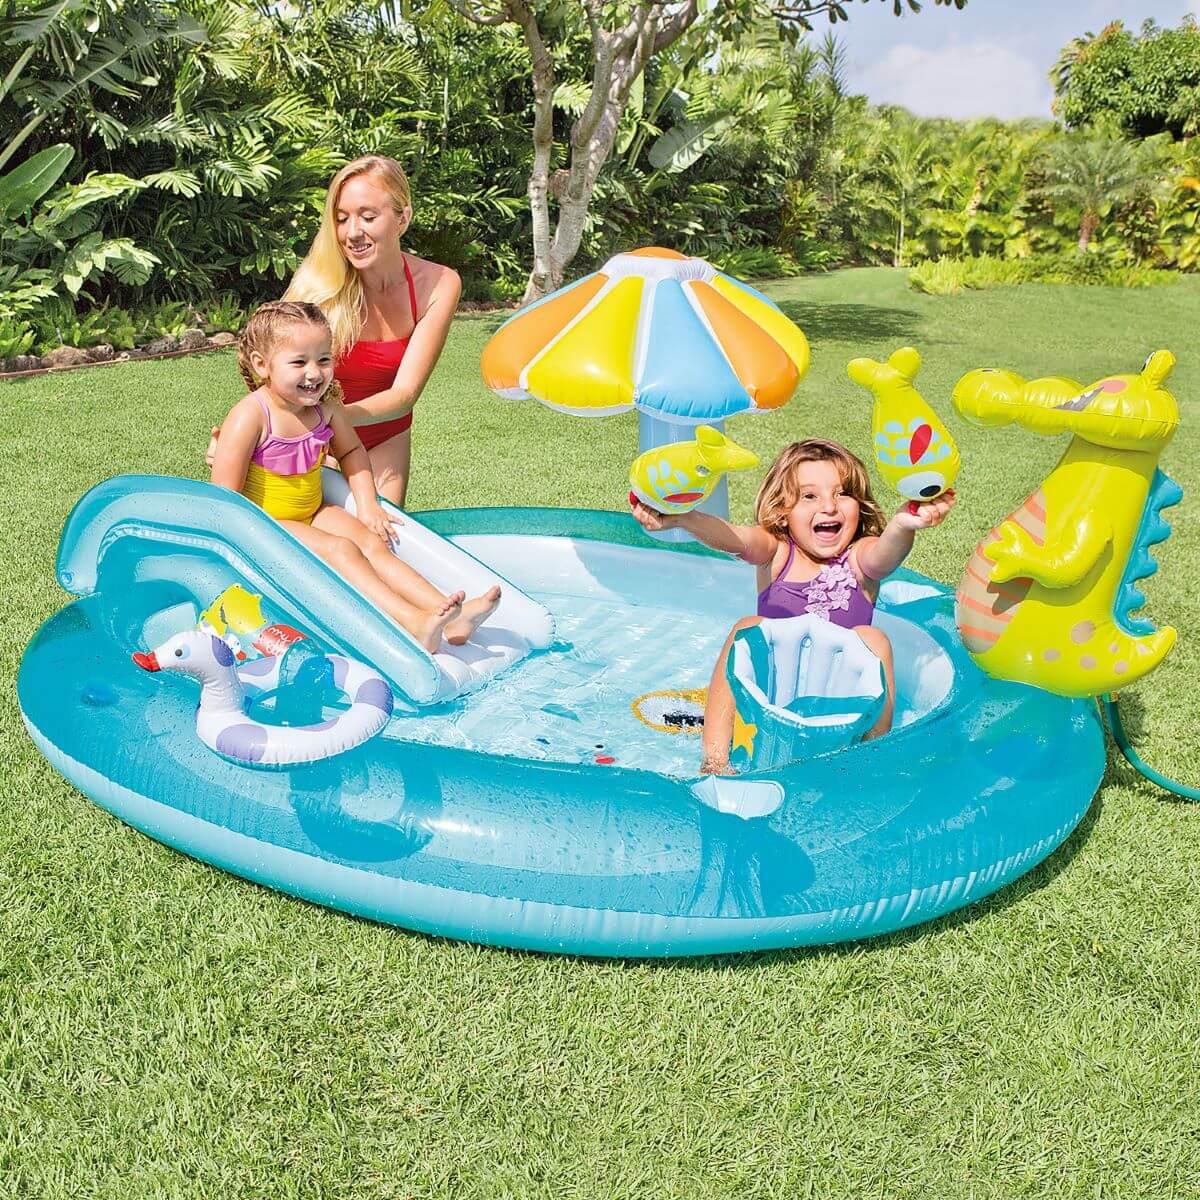 Piscina inflável infantil com escorregador